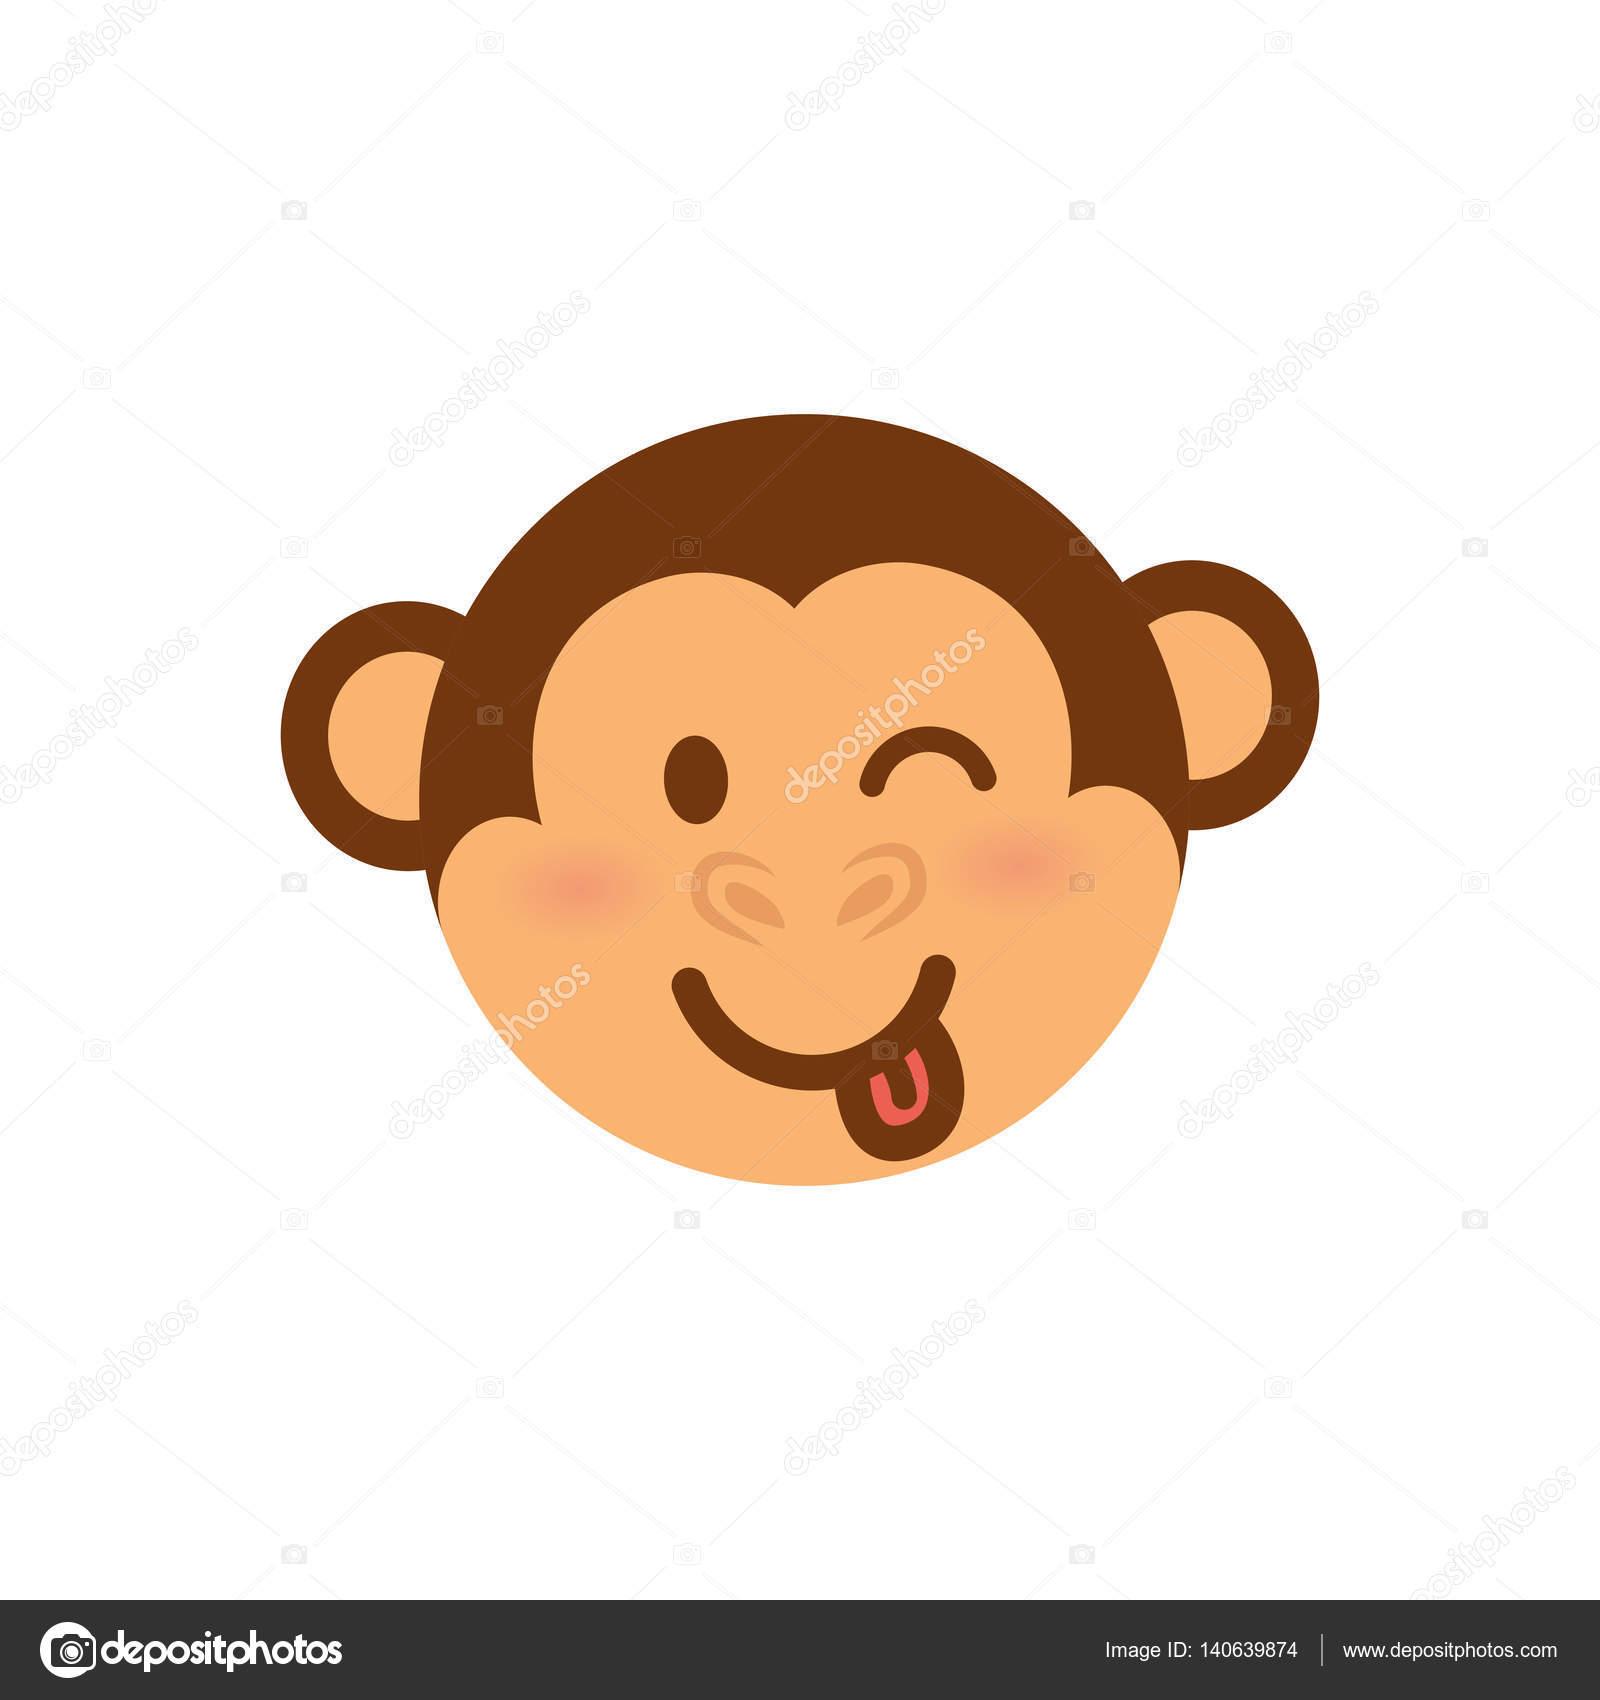 Cartone animato carino scimmia — vettoriali stock djv